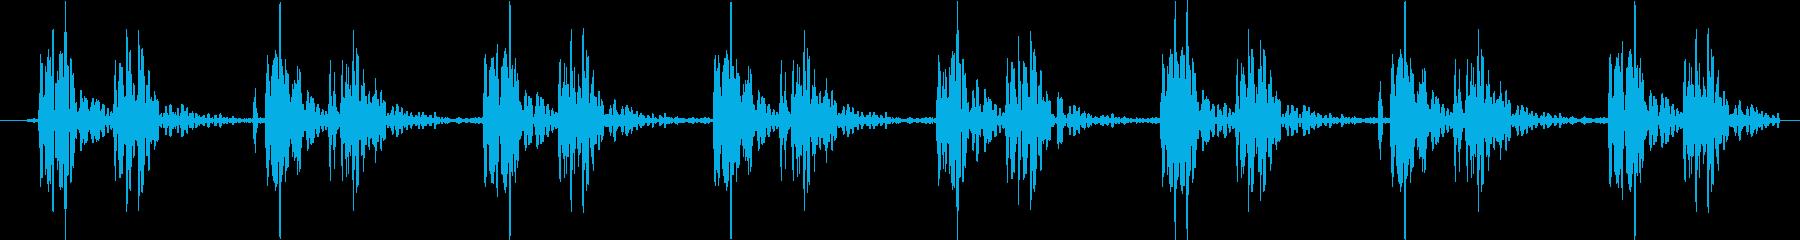 心臓 鼓動の再生済みの波形